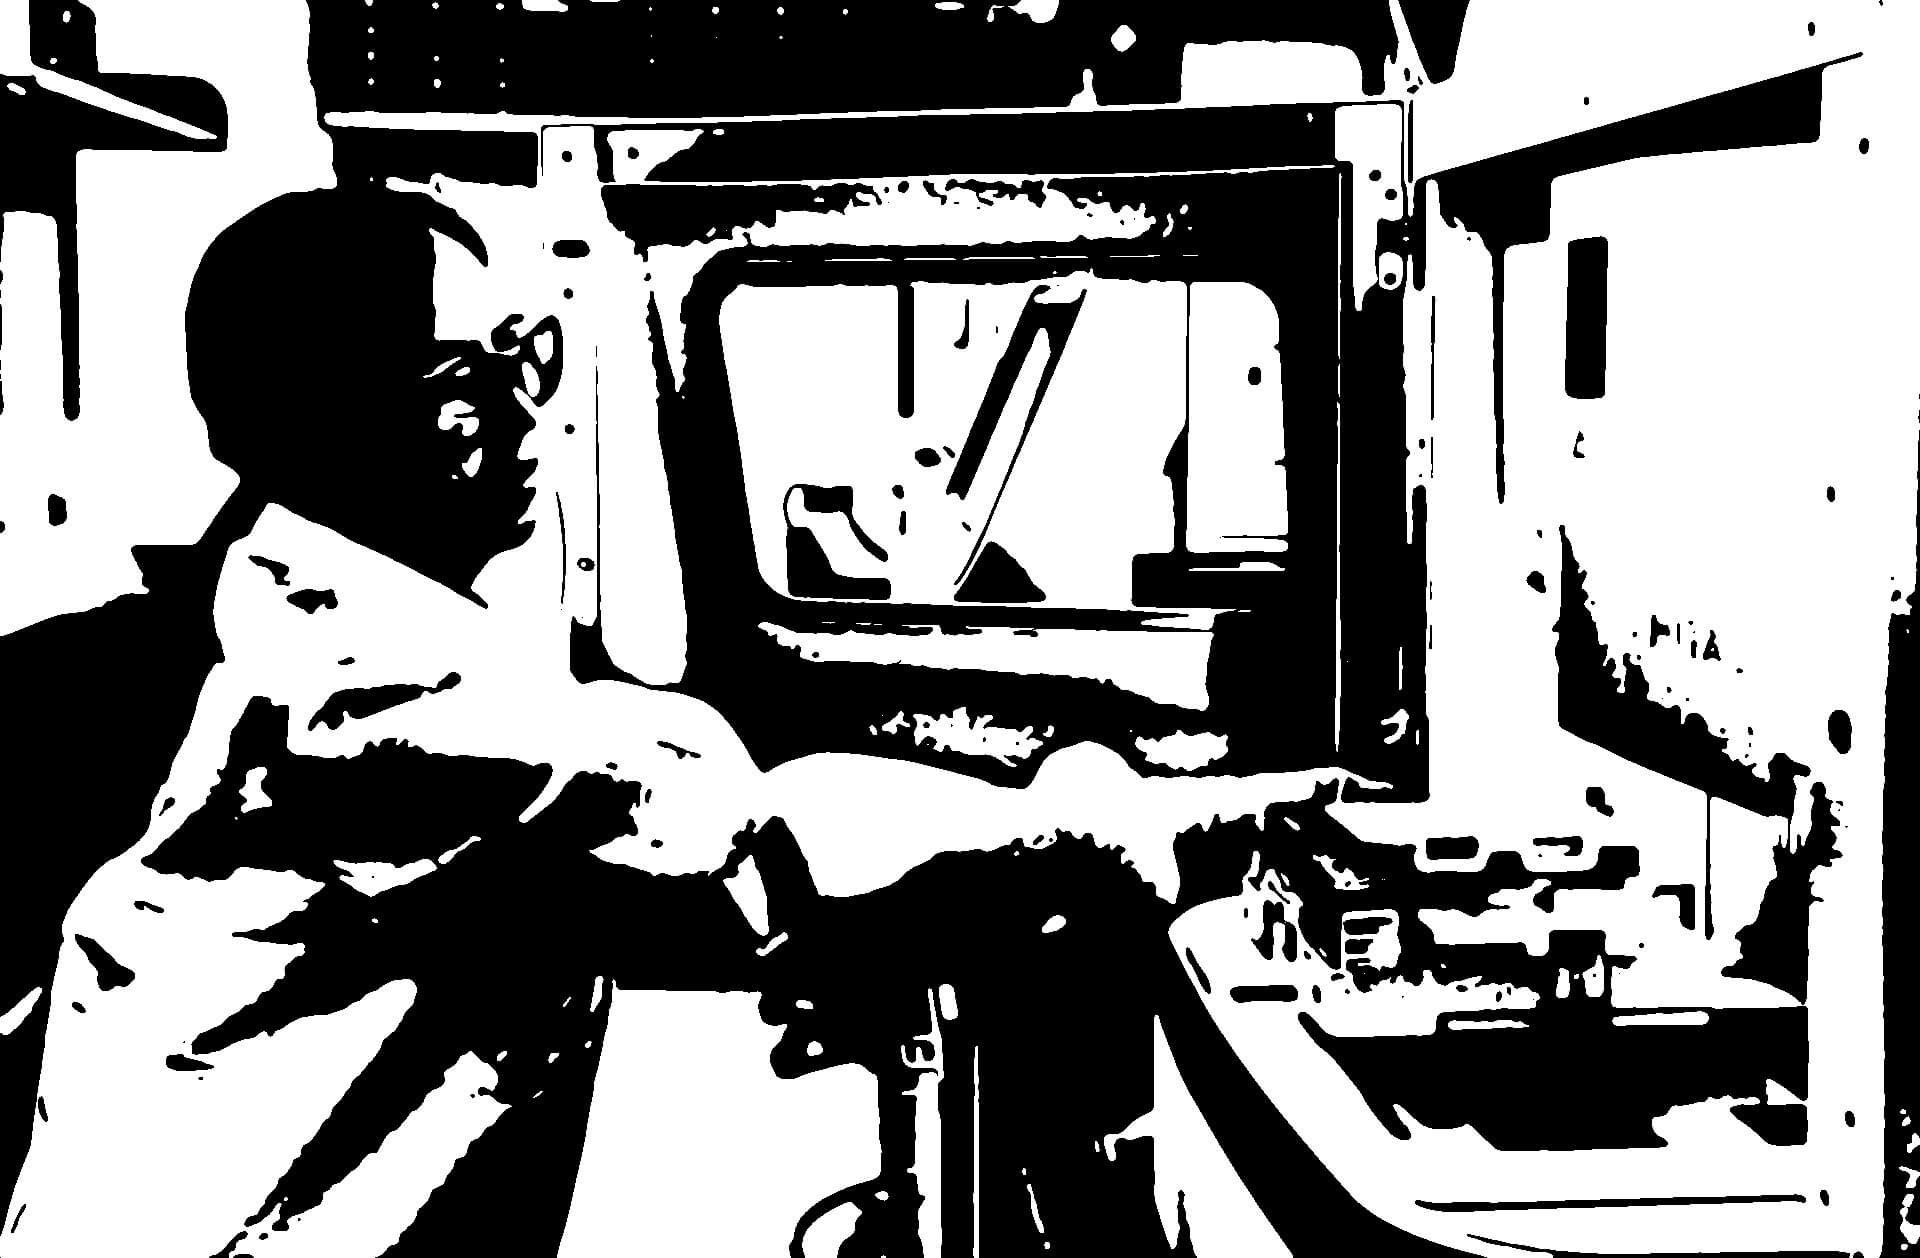 Image en aplats de noirs et de blanc montrant une personne introduisant des échantillons dans une machine d'analyse